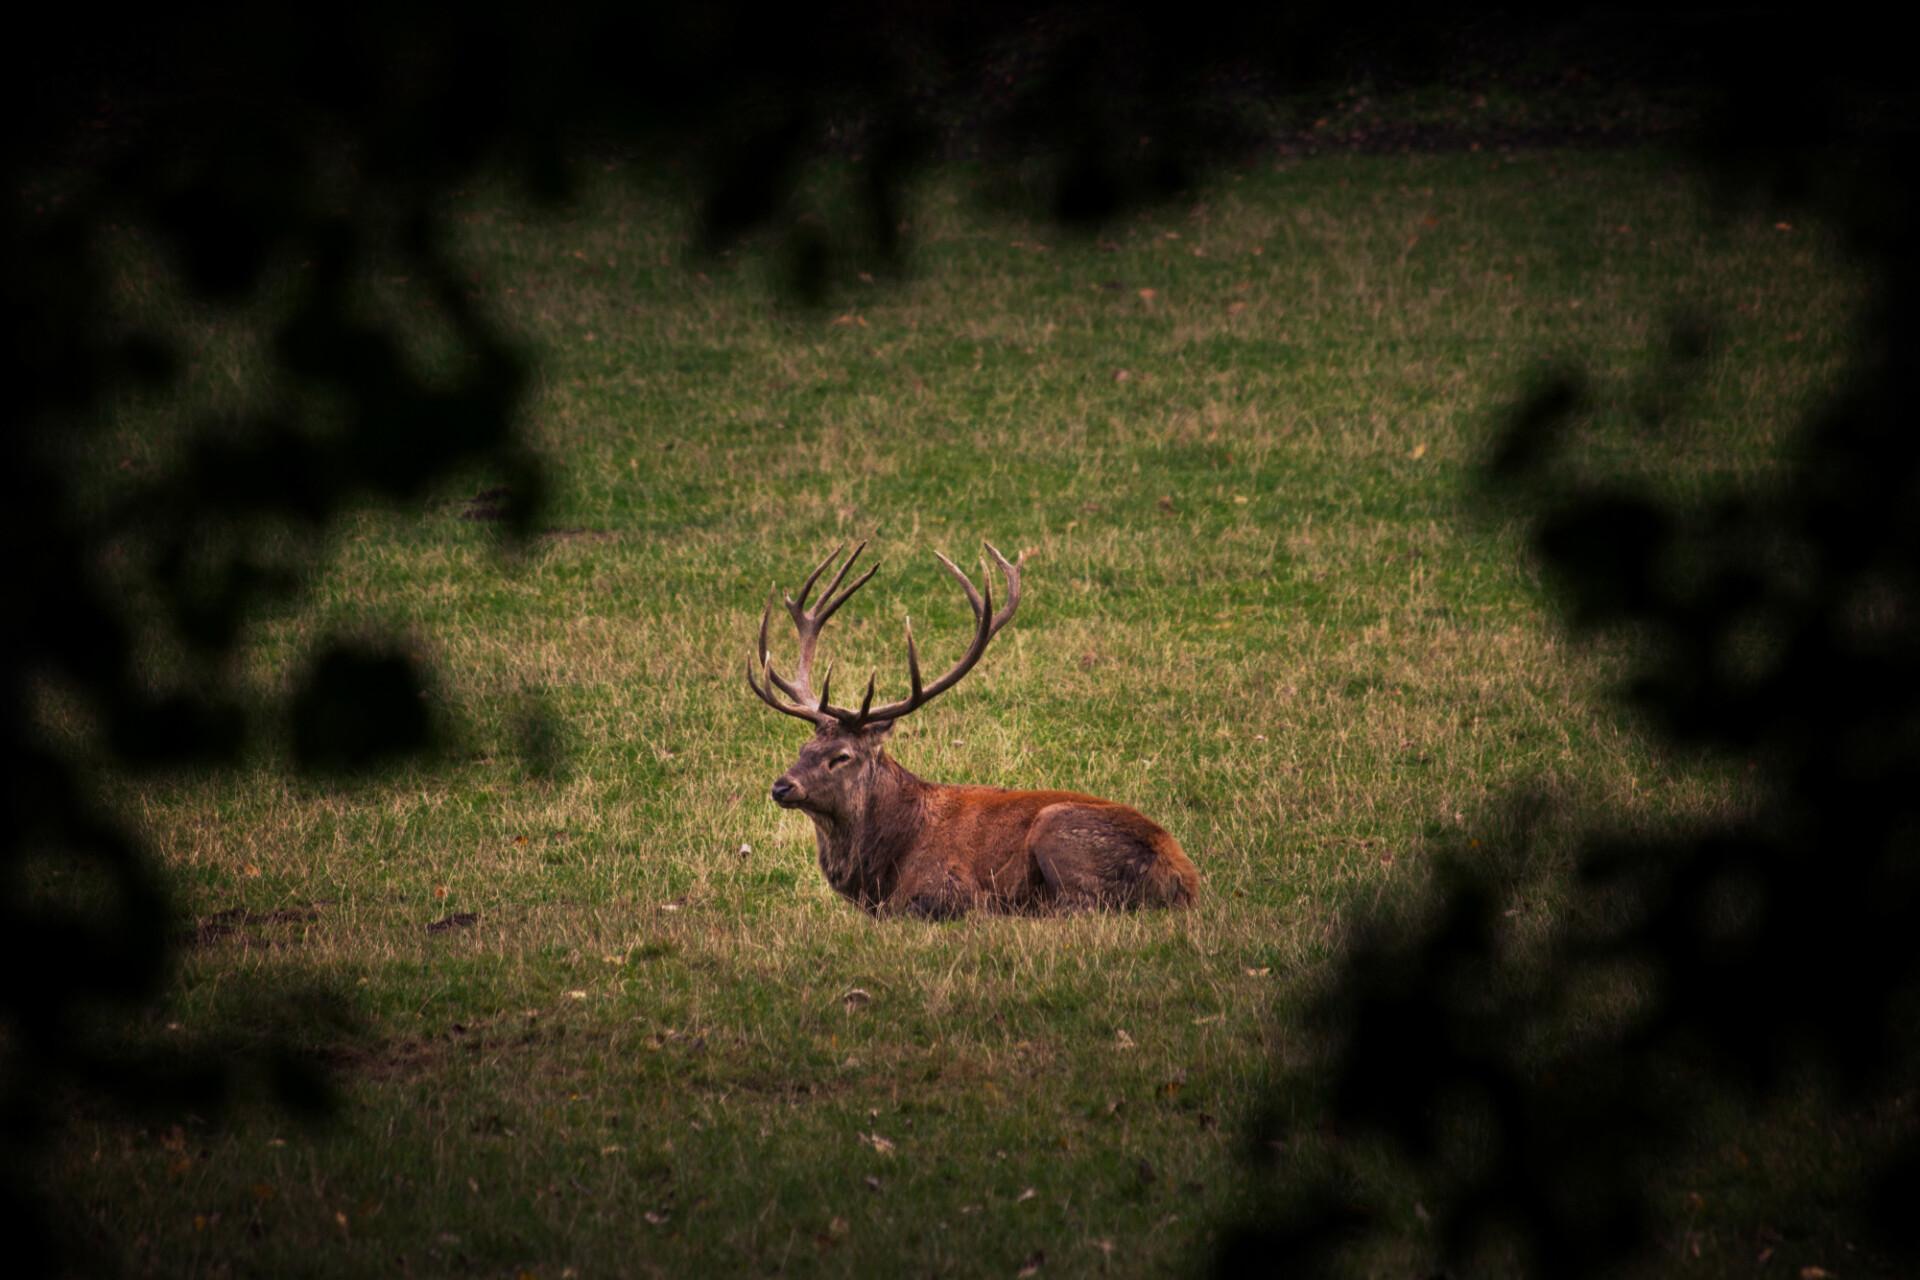 deer on meadow